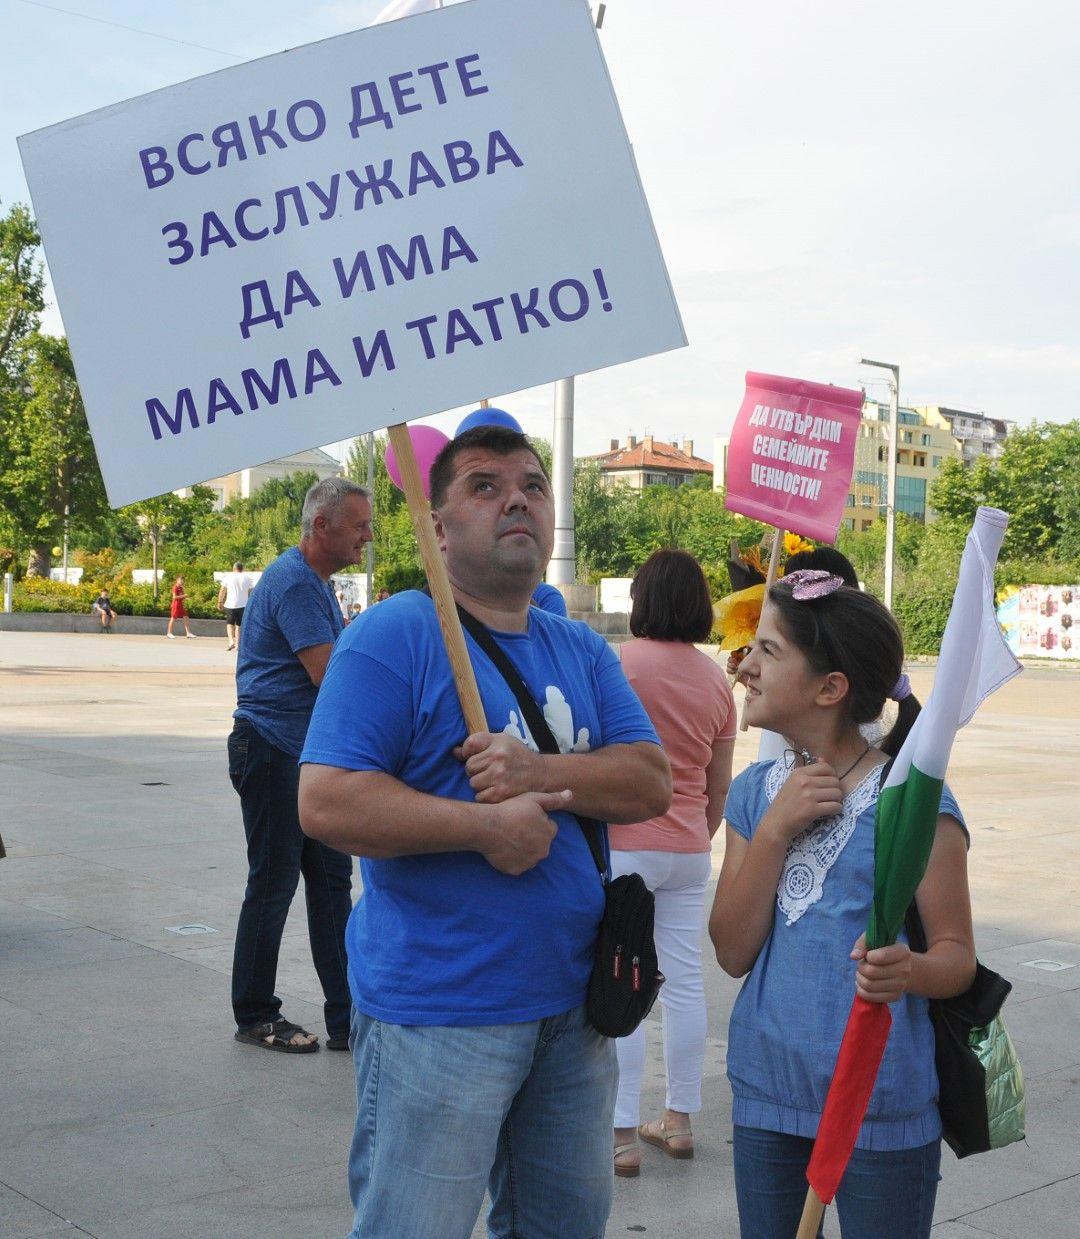 Основната цел на протеста е утвърждаване на семейството, основано на брачния съюз между мъж и жена